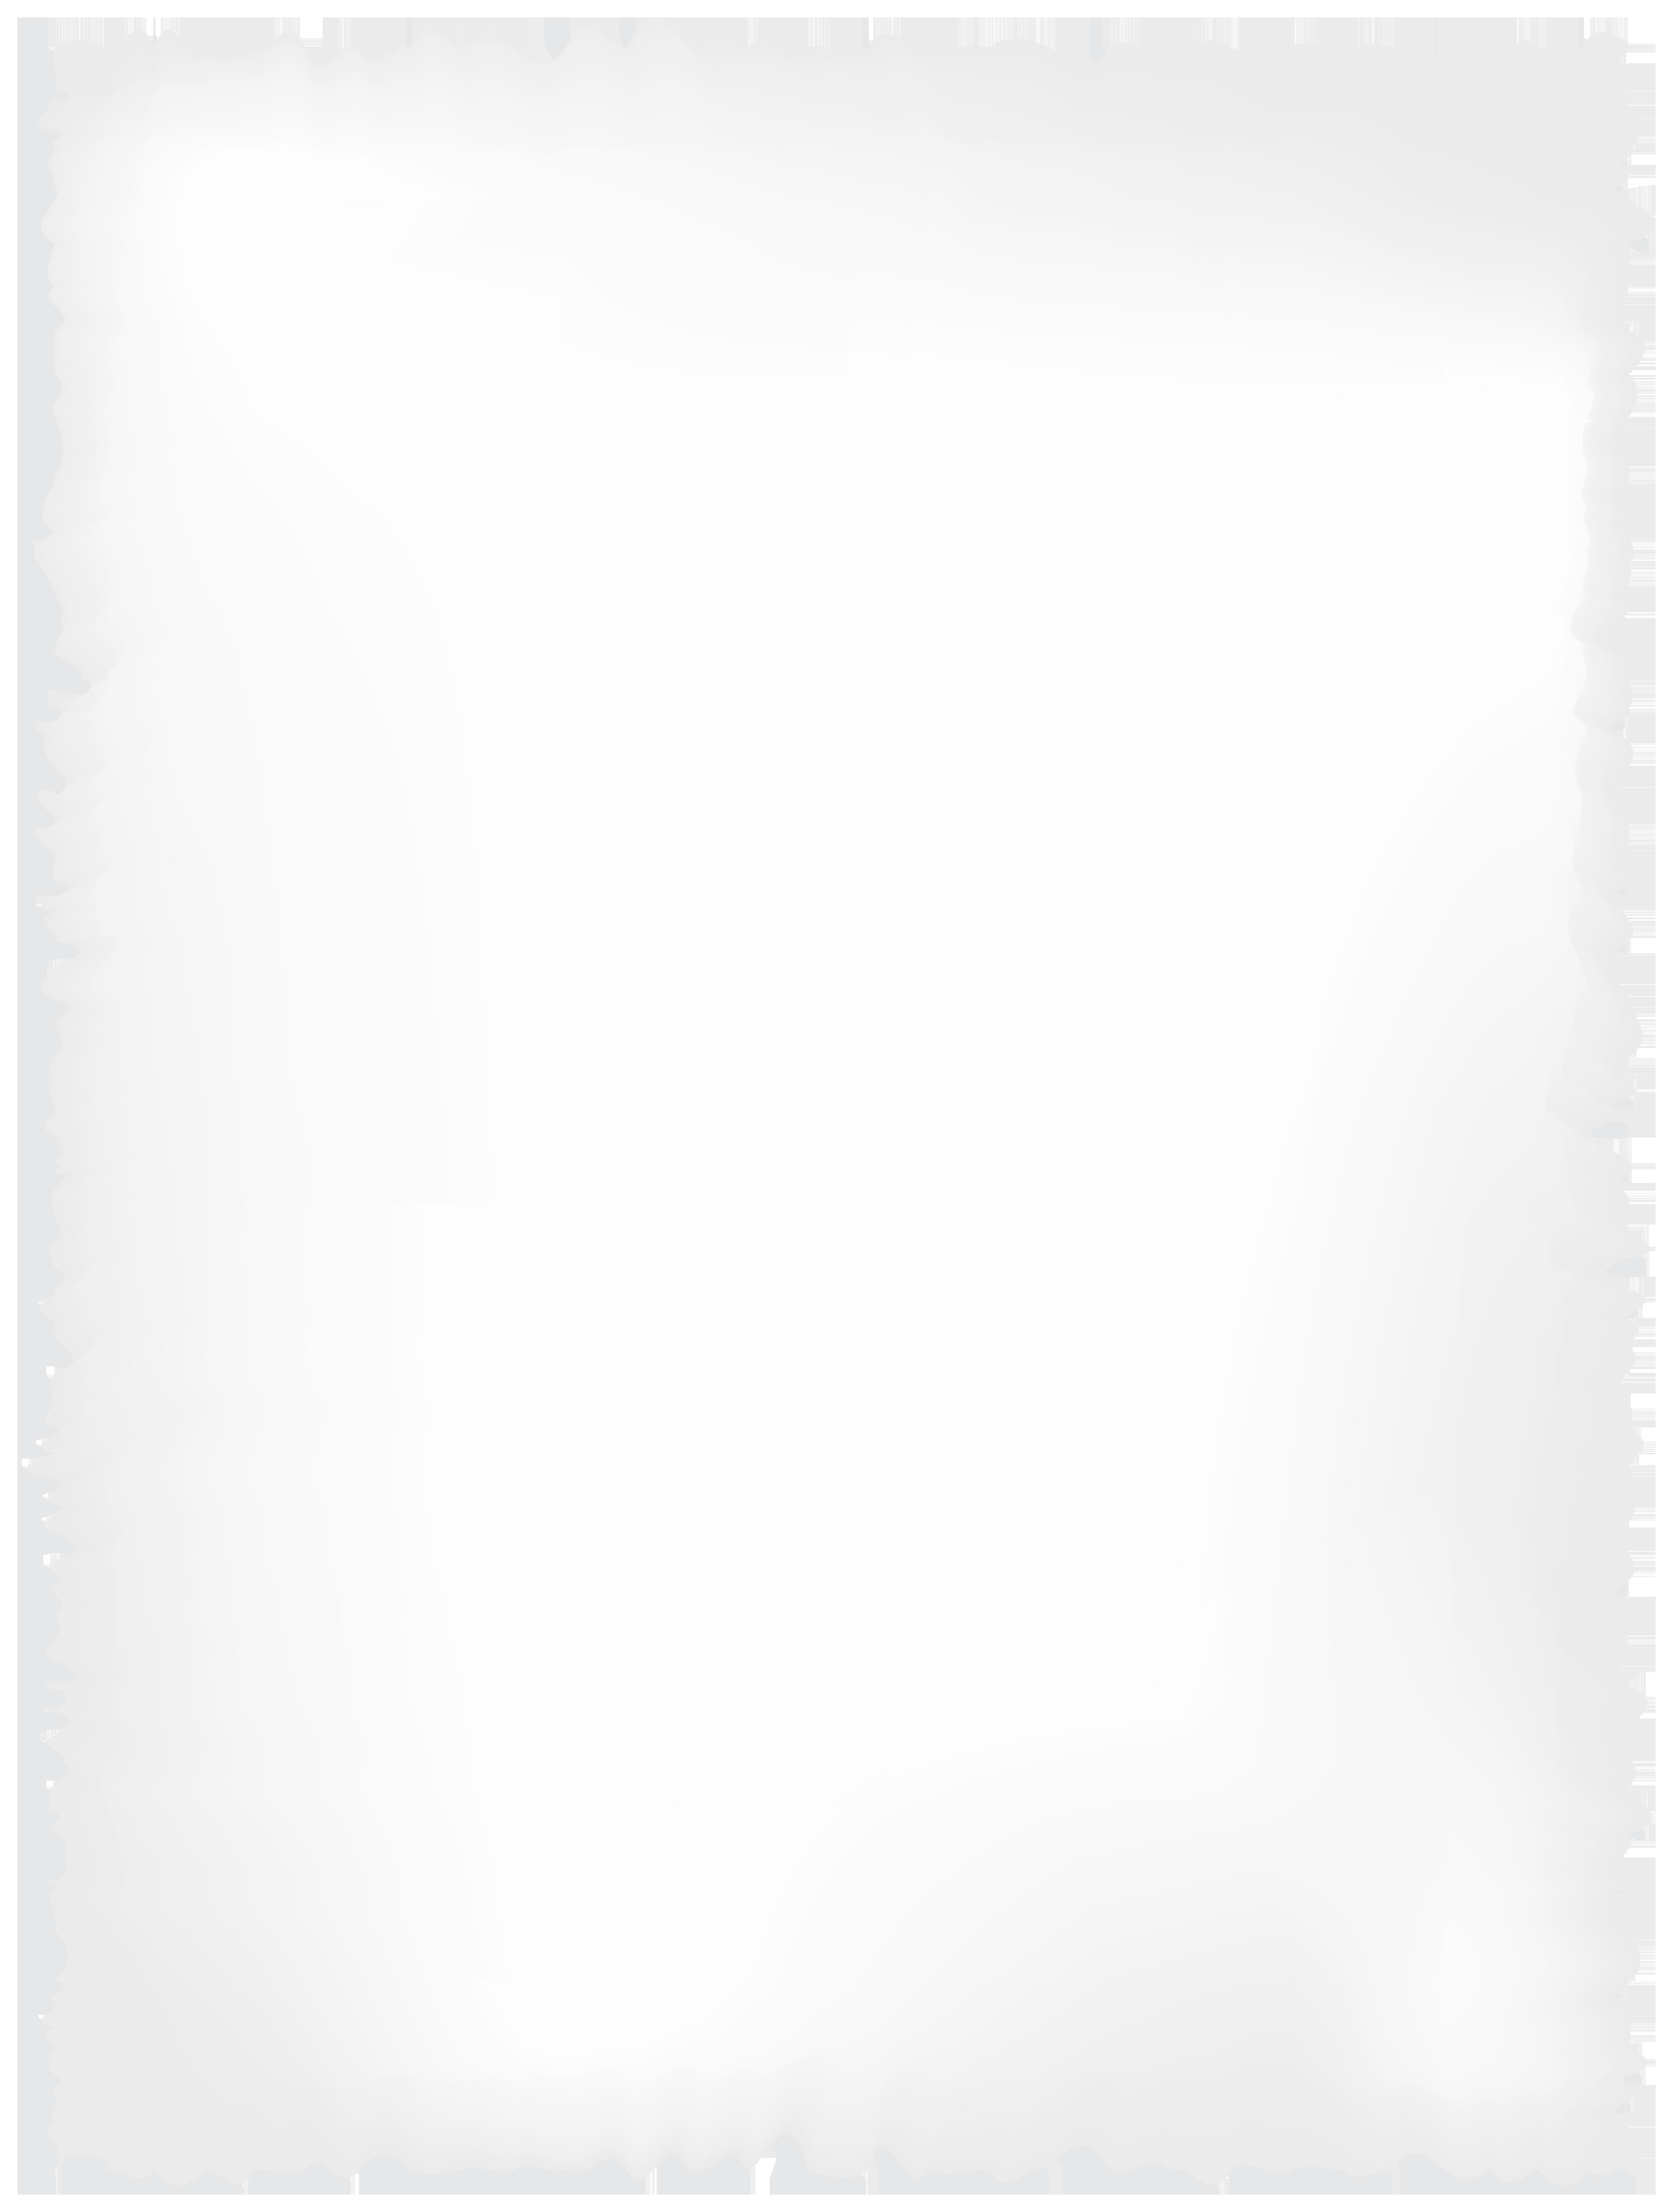 Decorative page clip art. Decoration clipart paper